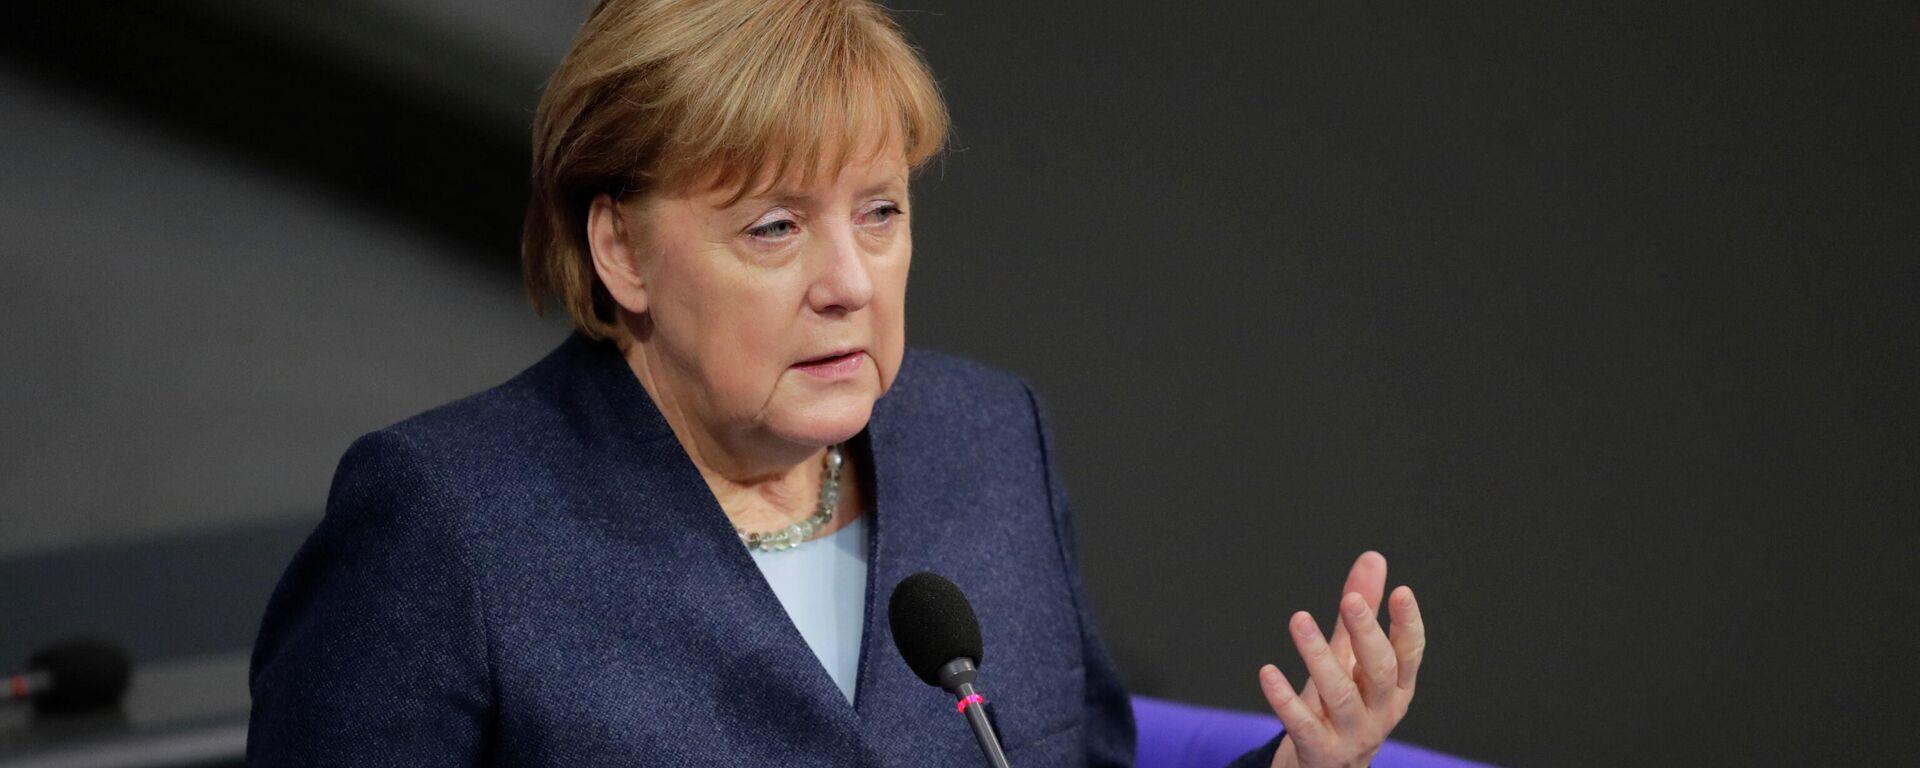 Bundeskanzlerin Angela Merkel  - SNA, 1920, 30.12.2020